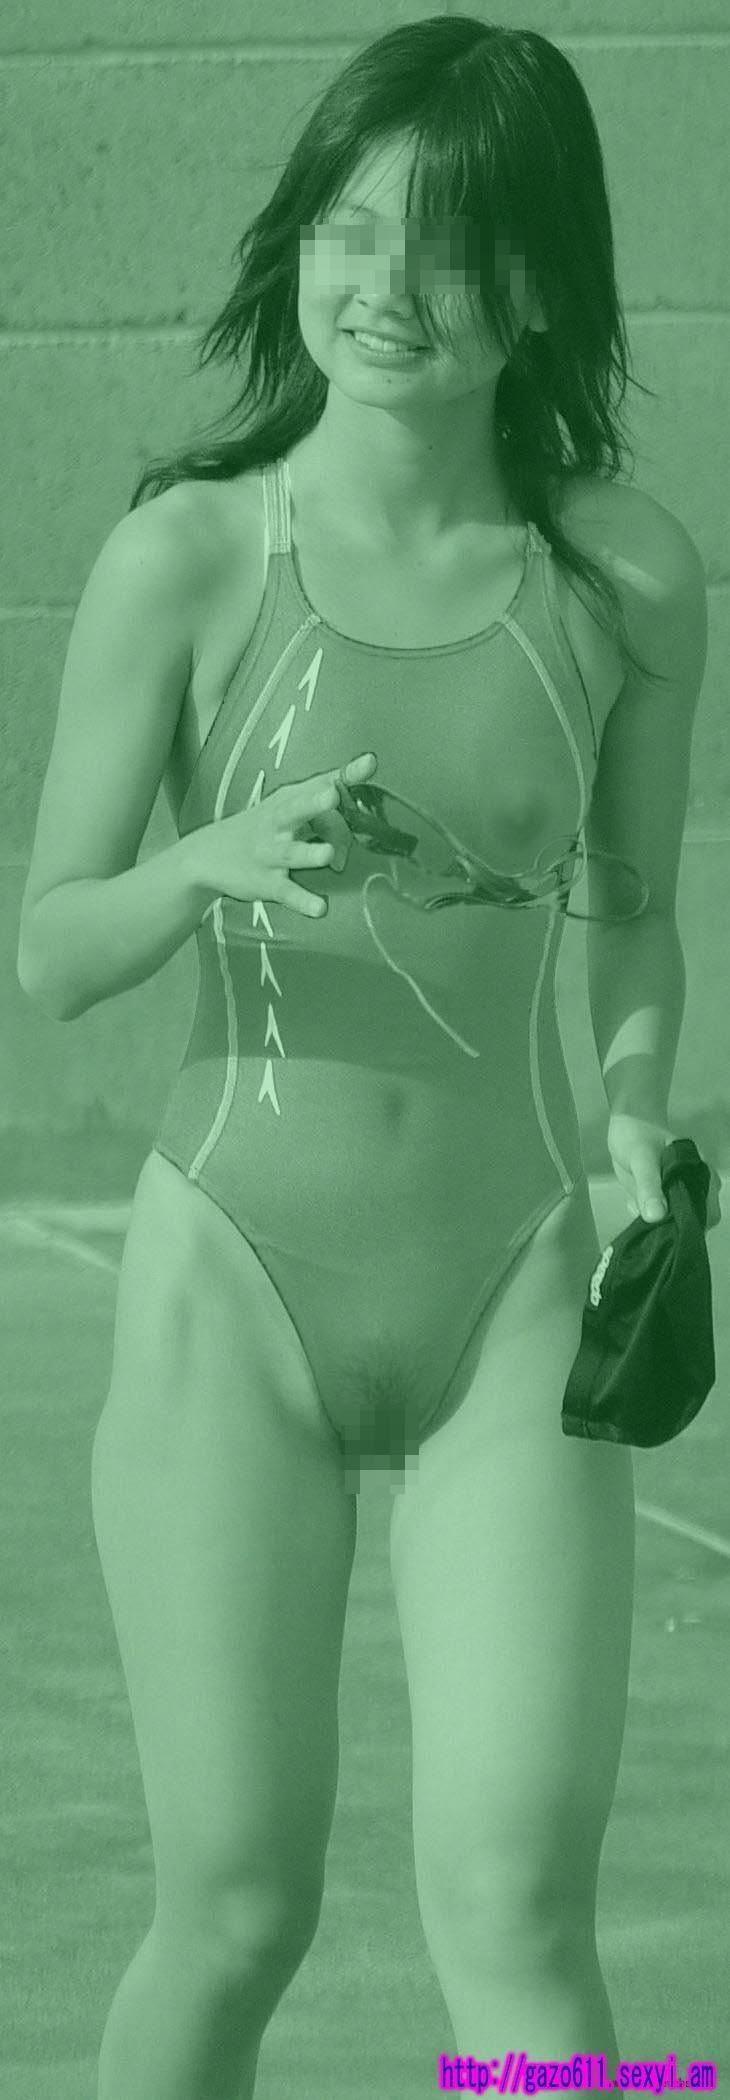 膨らみかけも剛毛も赤外線盗撮で透けたjkのエロ画像14枚目